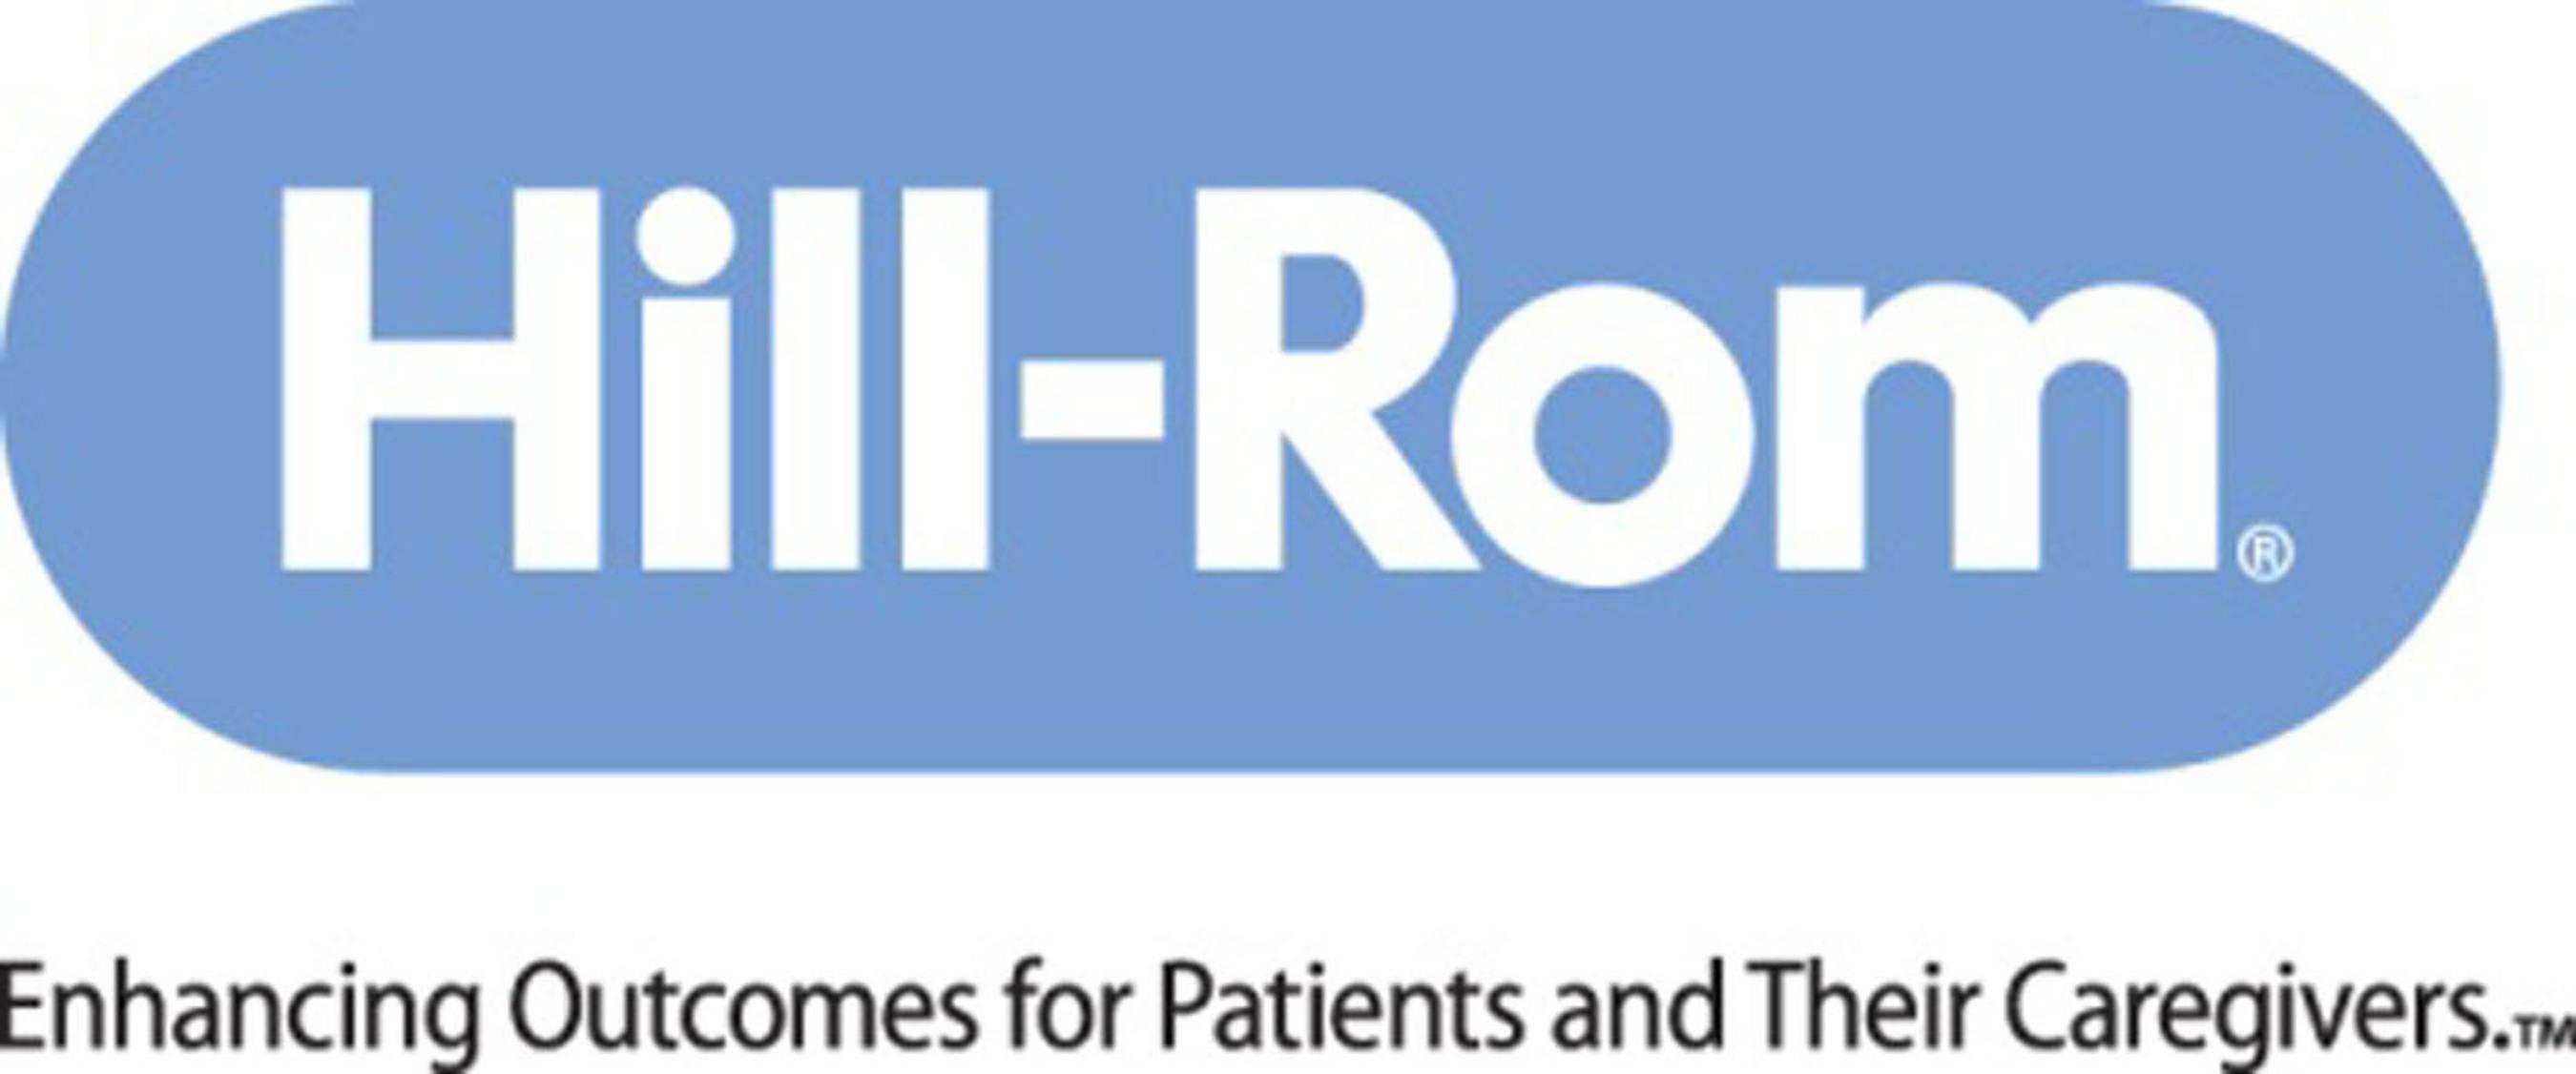 Hill-Rom Logo. (PRNewsFoto/Hill-Rom Holdings, Inc.)